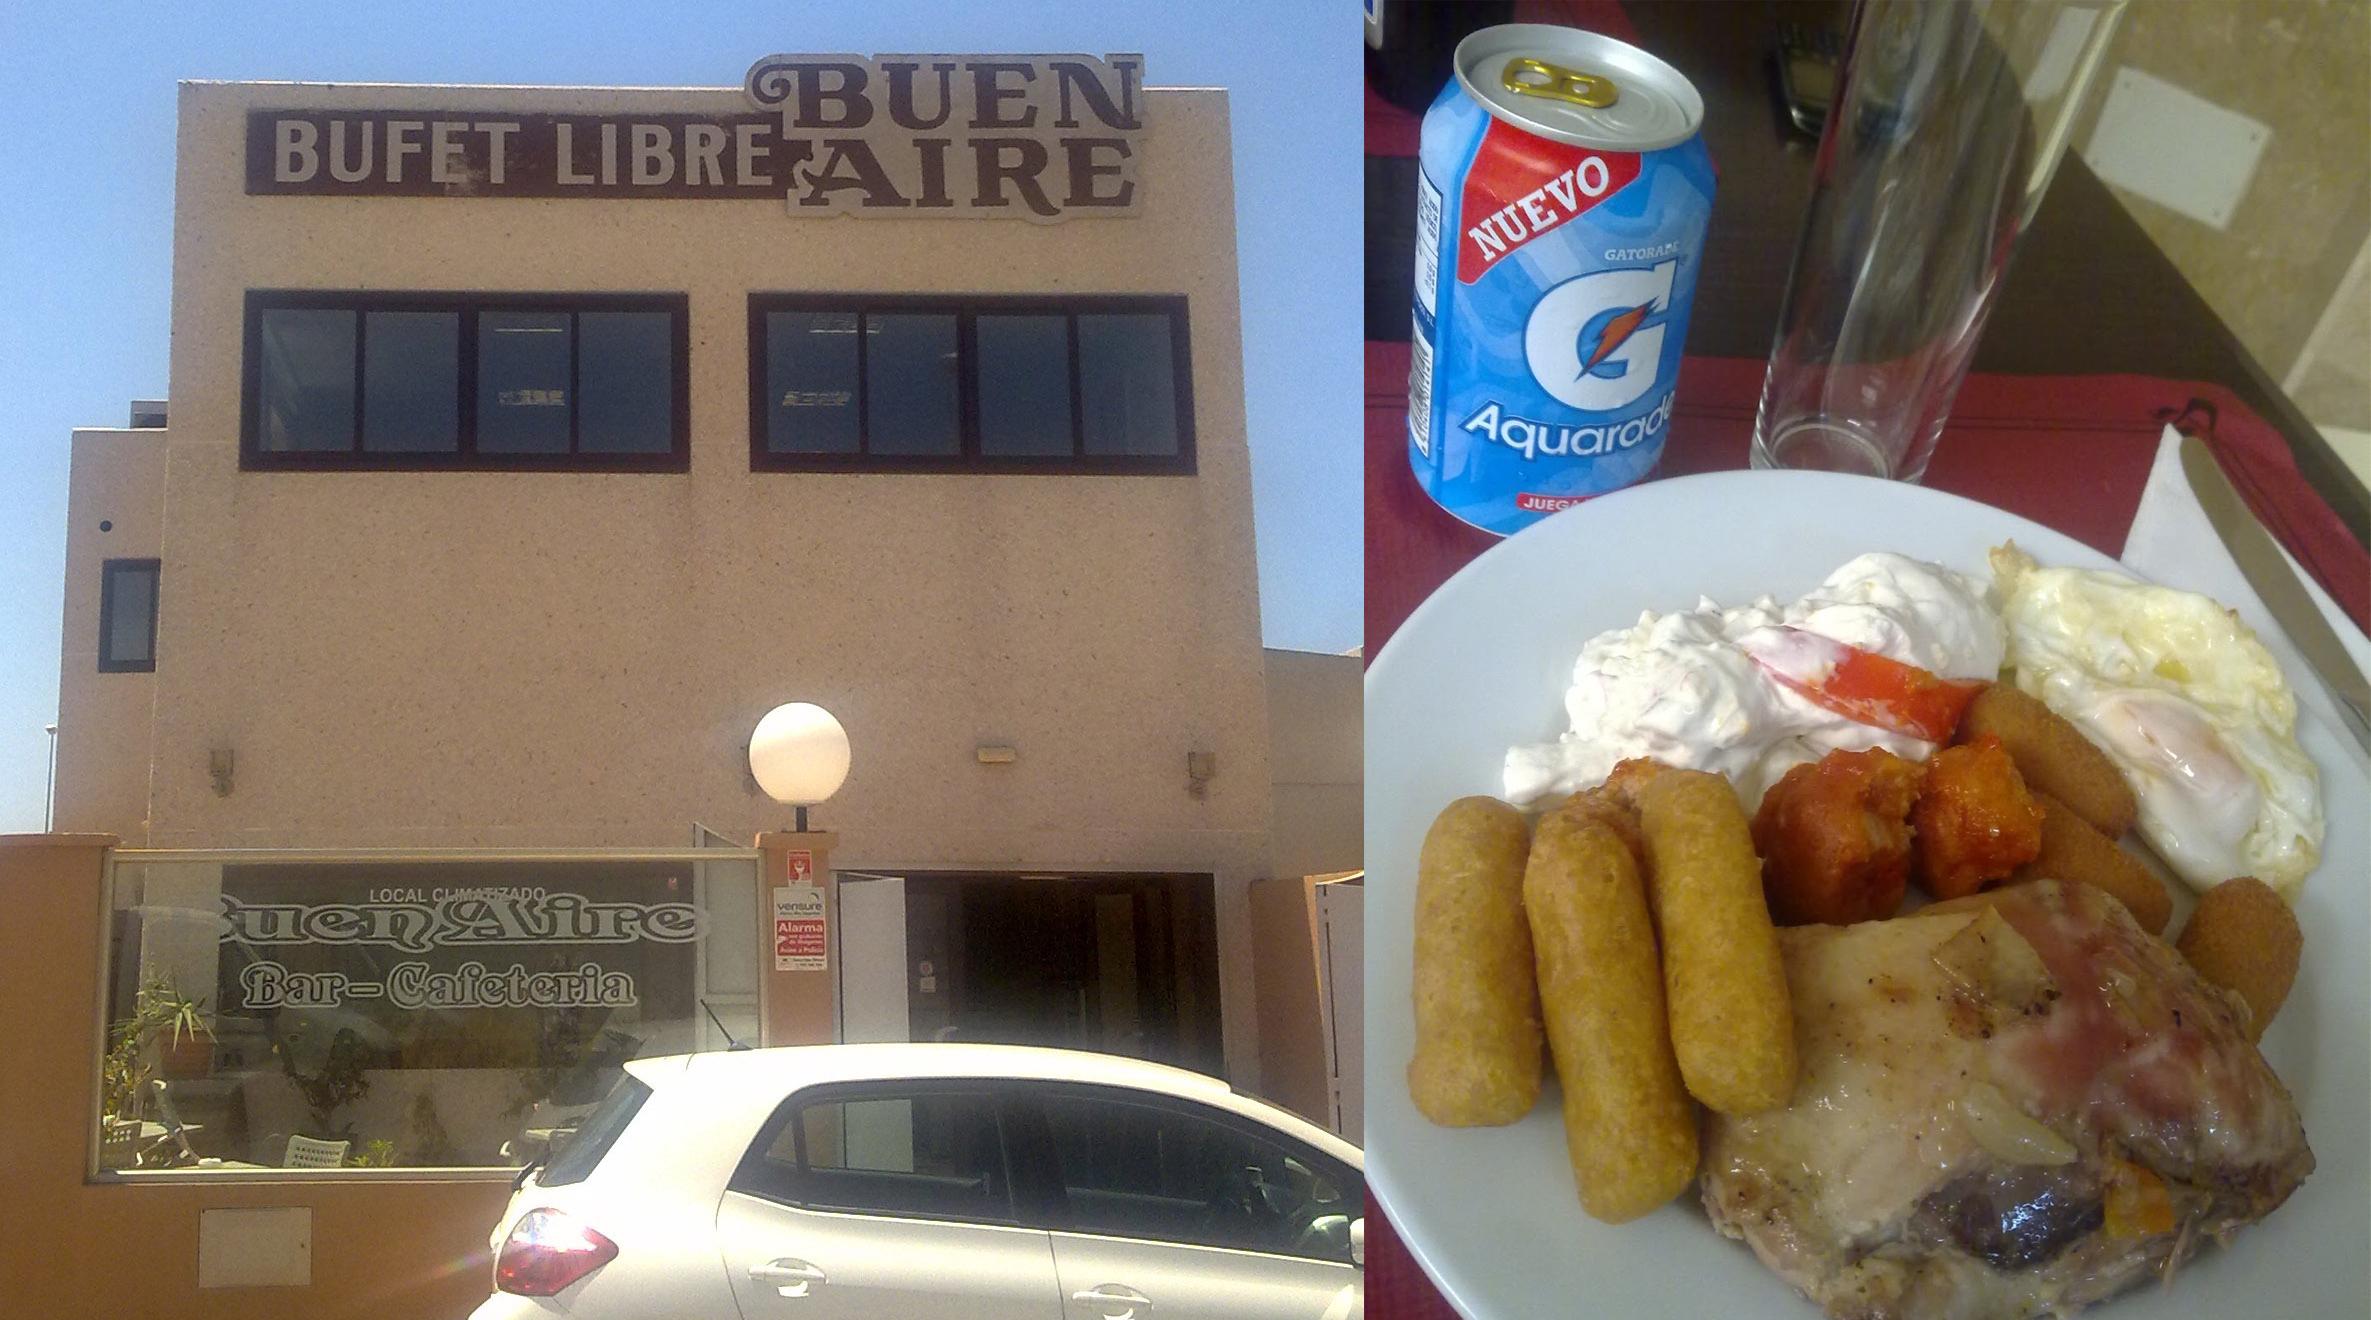 Buffet libre en Tarifa